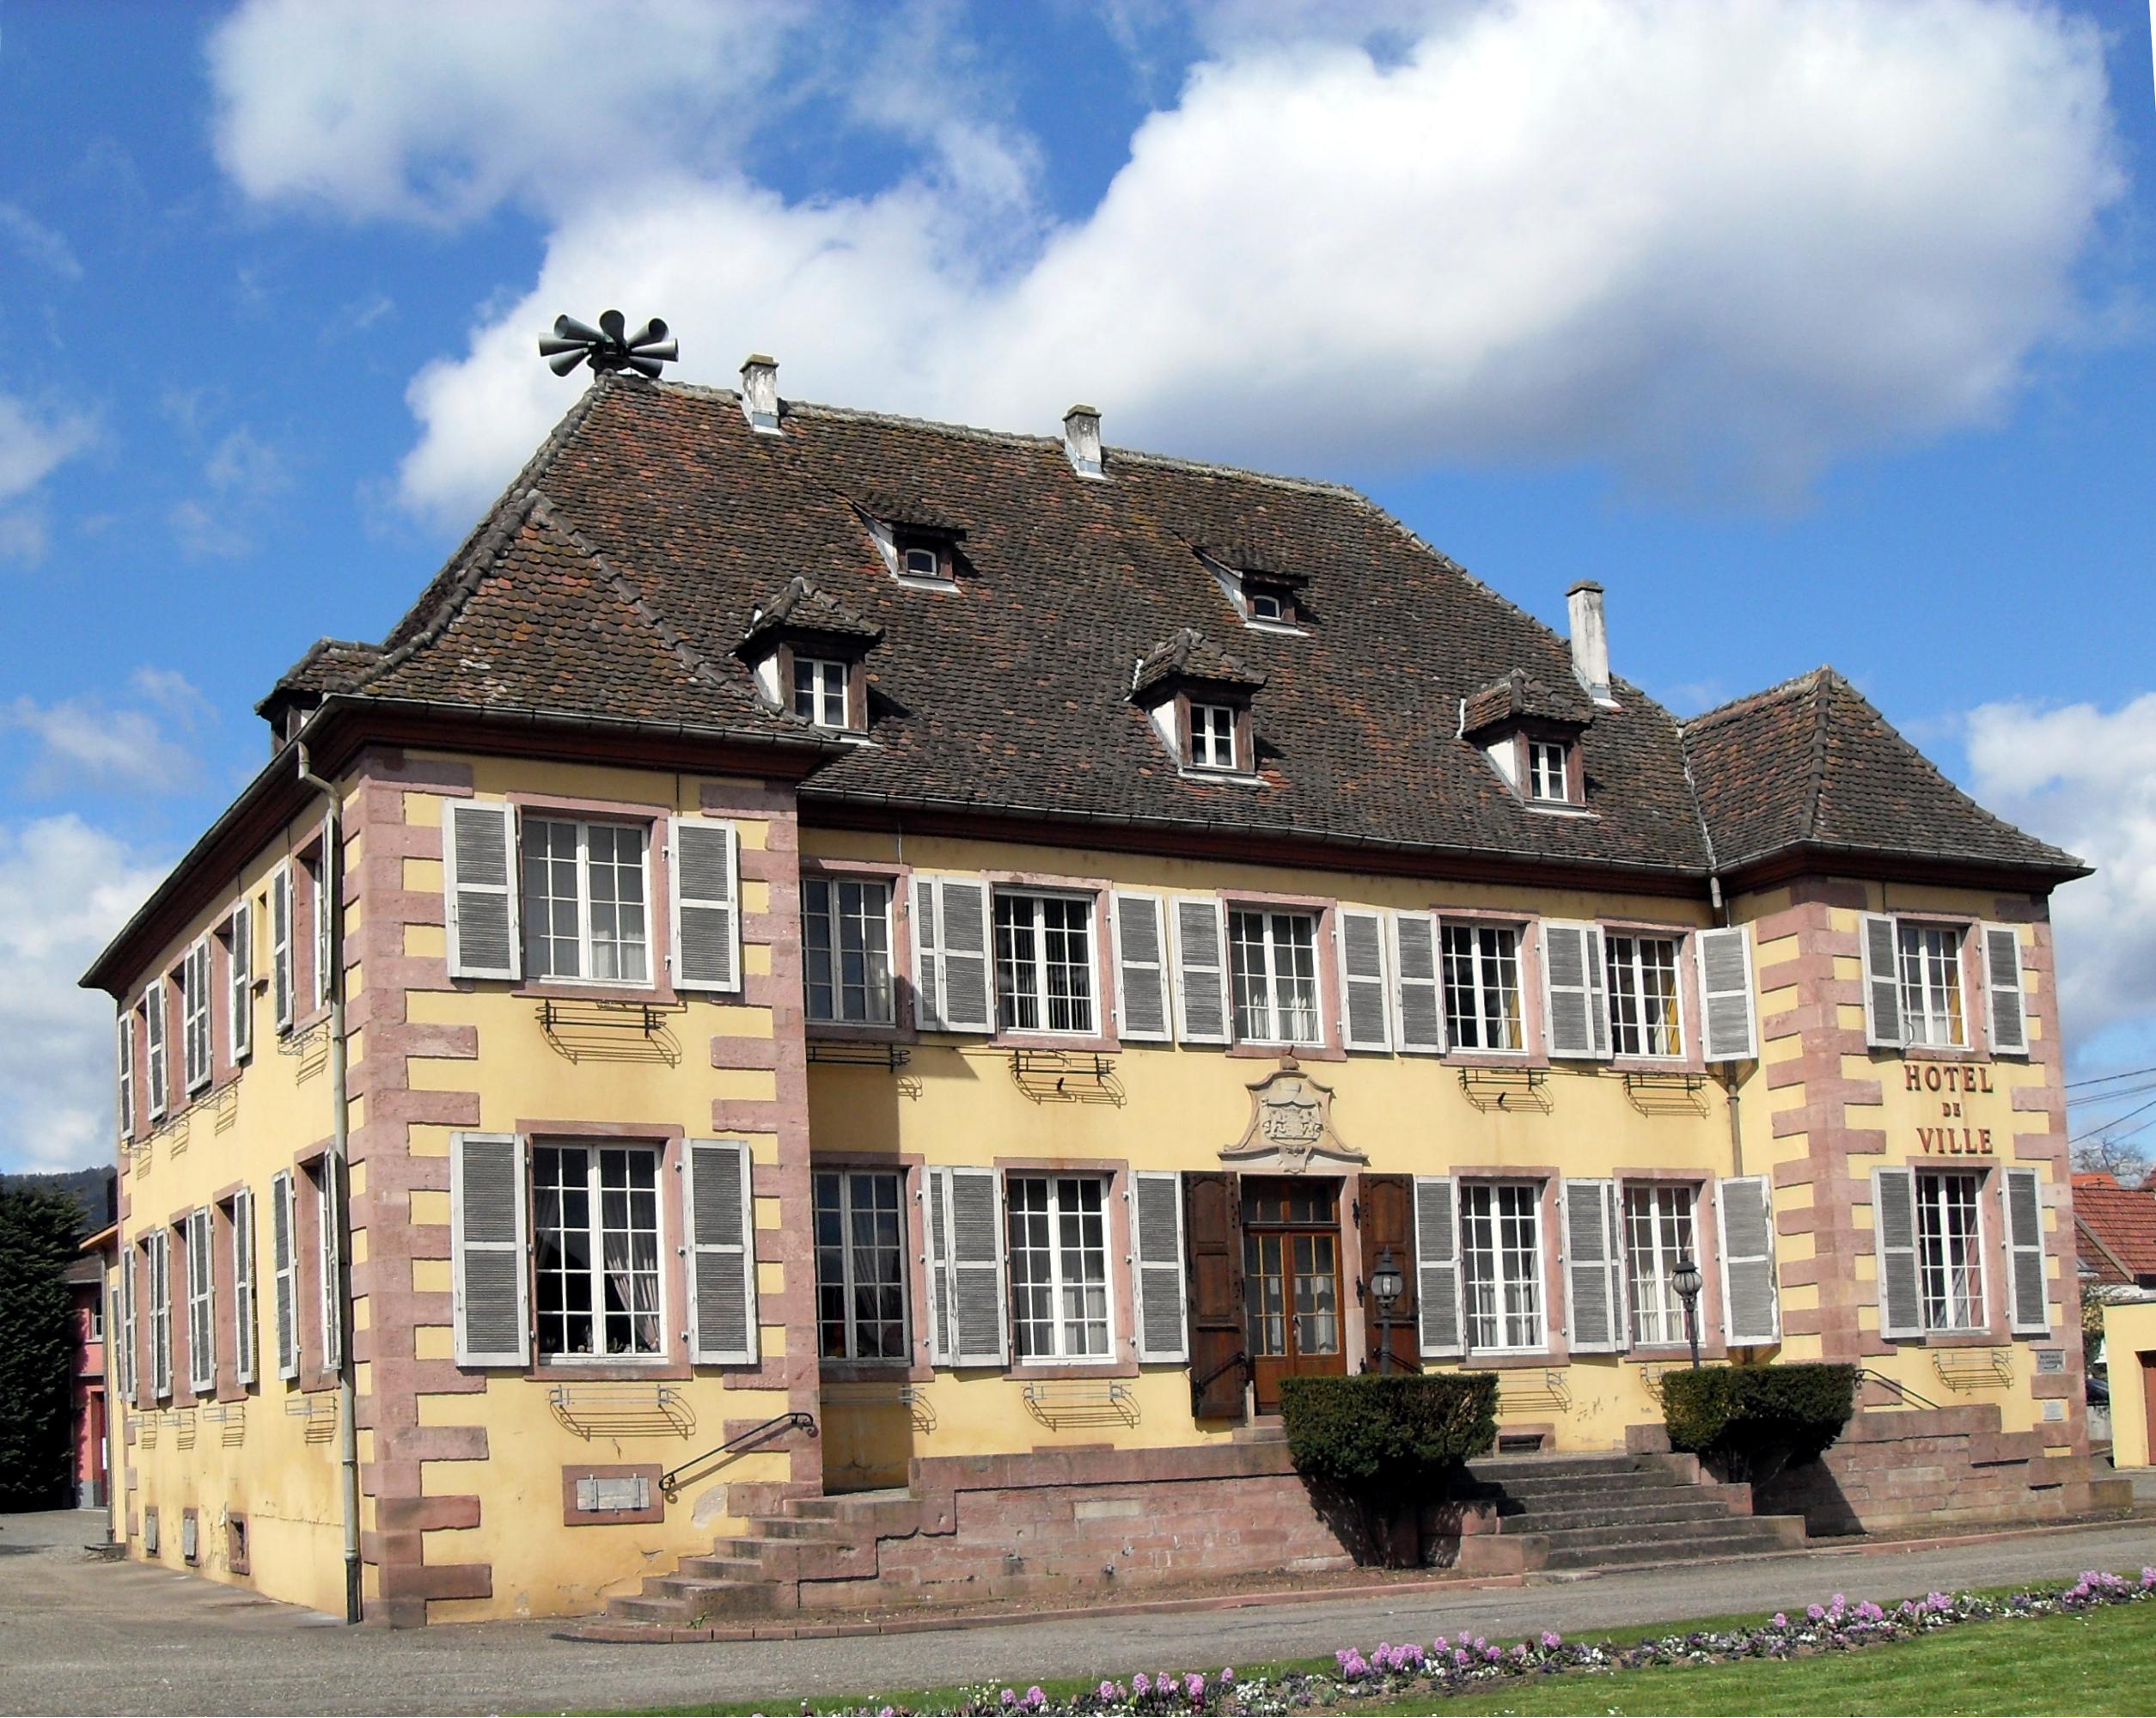 File:Ingersheim, Hôtel de ville.jpg - Wikimedia Commons